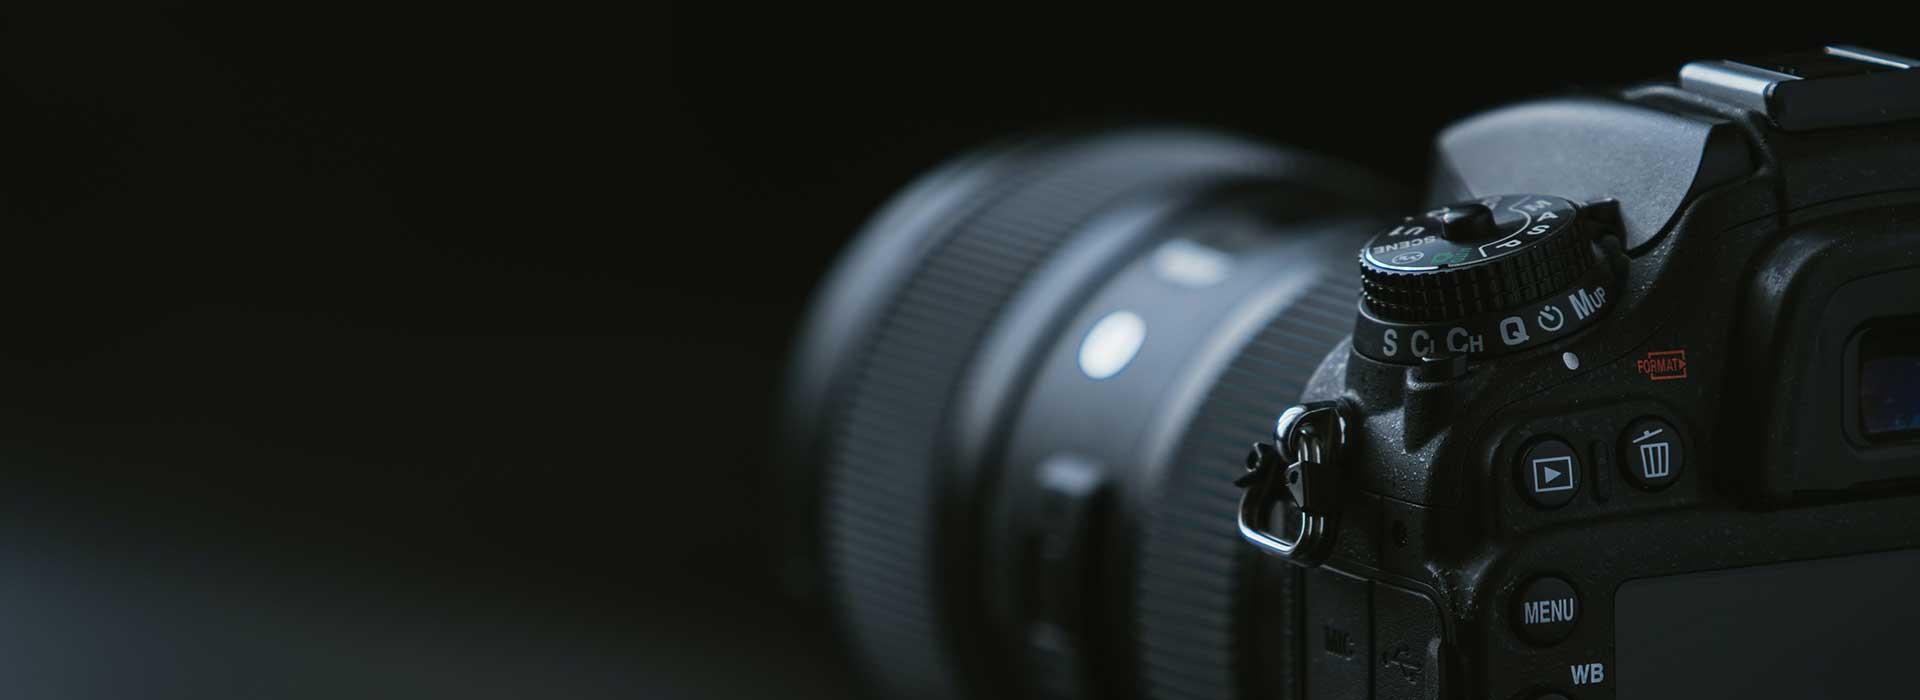 Kameraguide - vilket kameramärke?